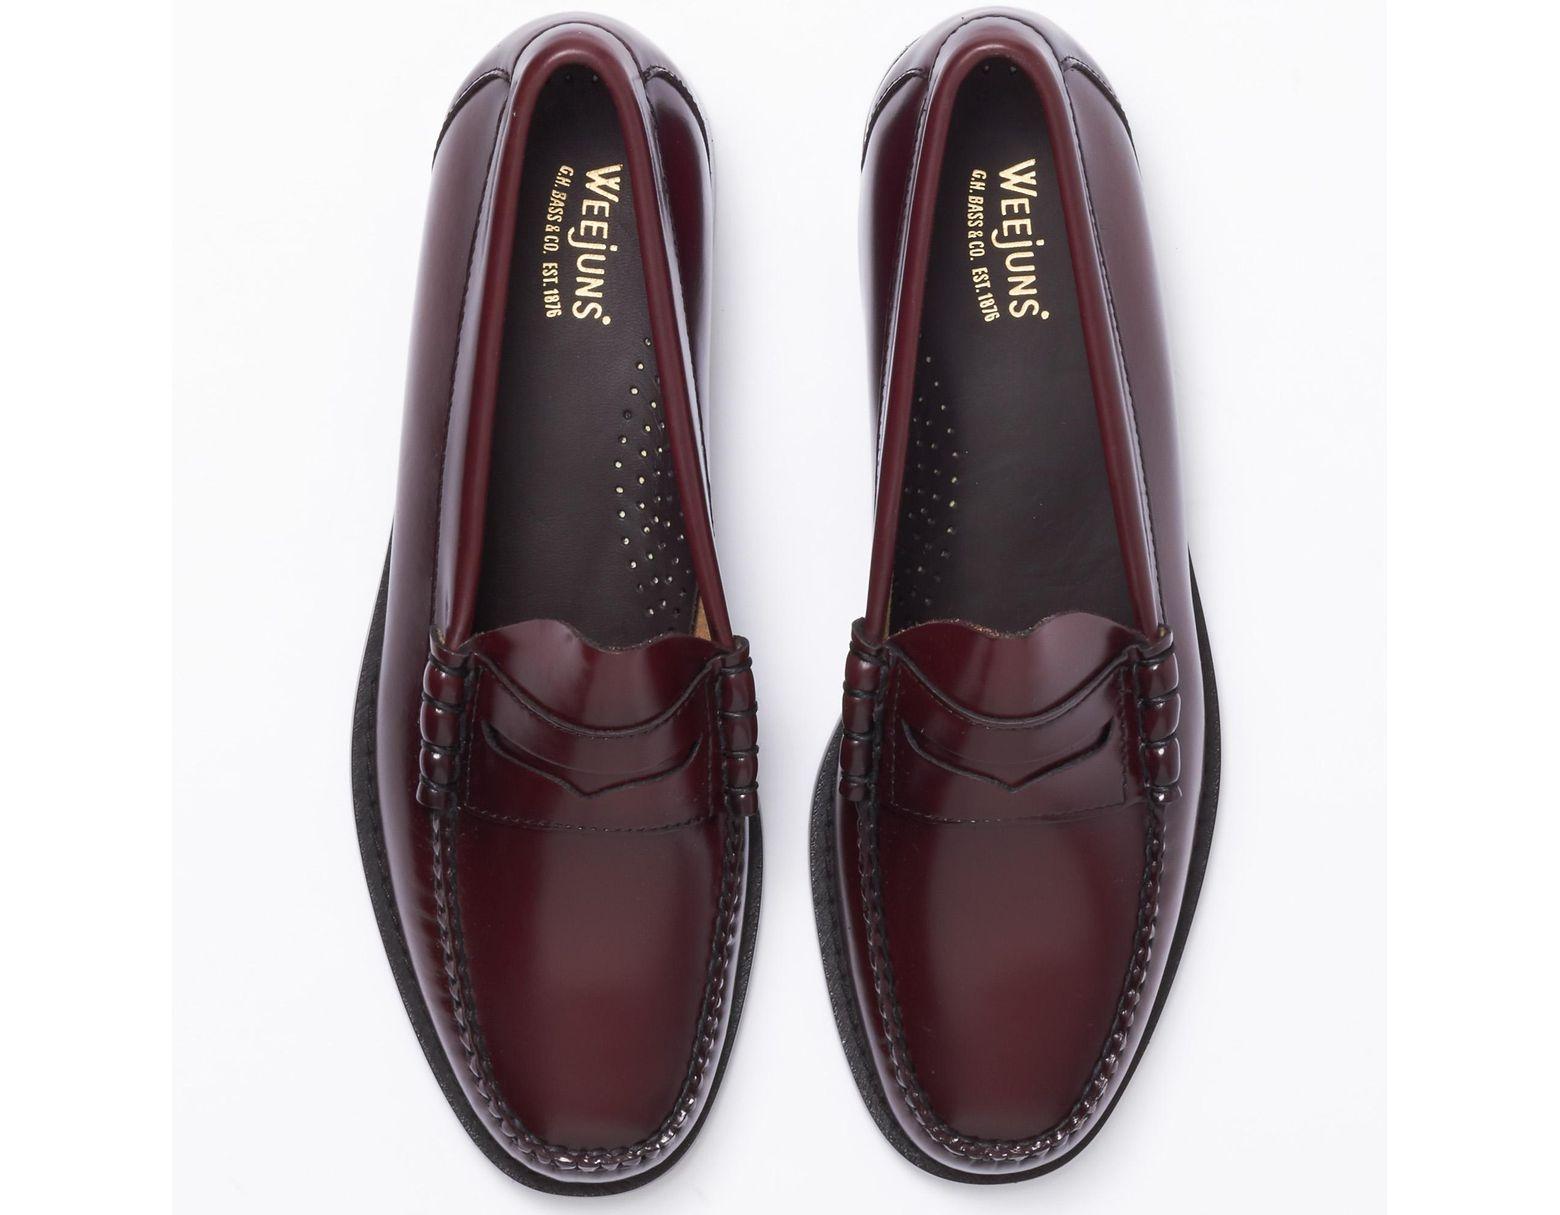 b40f9f30145 Men's Brown Larkin Tassel Loafers - Wine